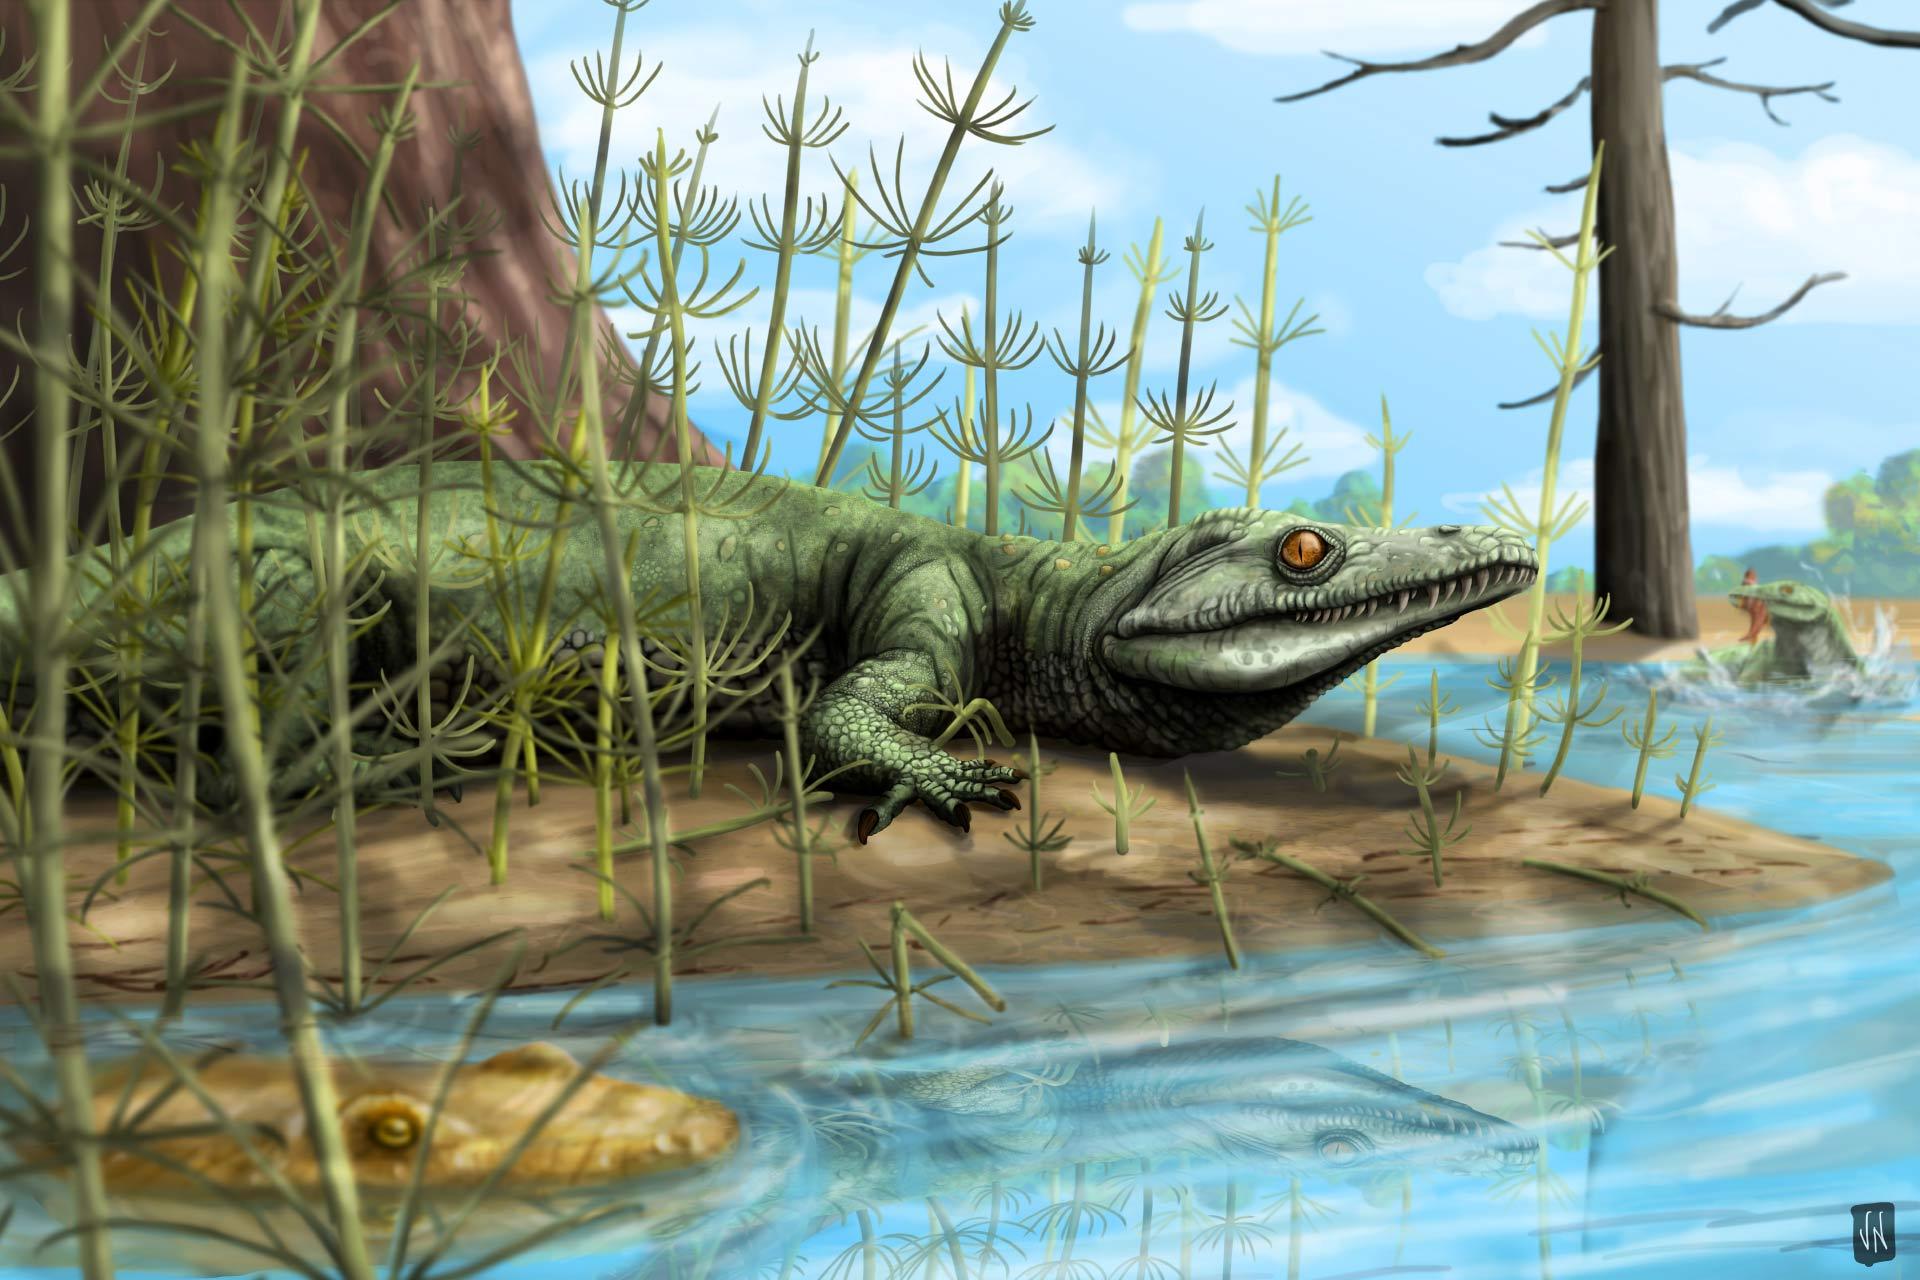 Открито е древно крокодилоподобно влечуго в Бразилия - Teyujagua paradoxa